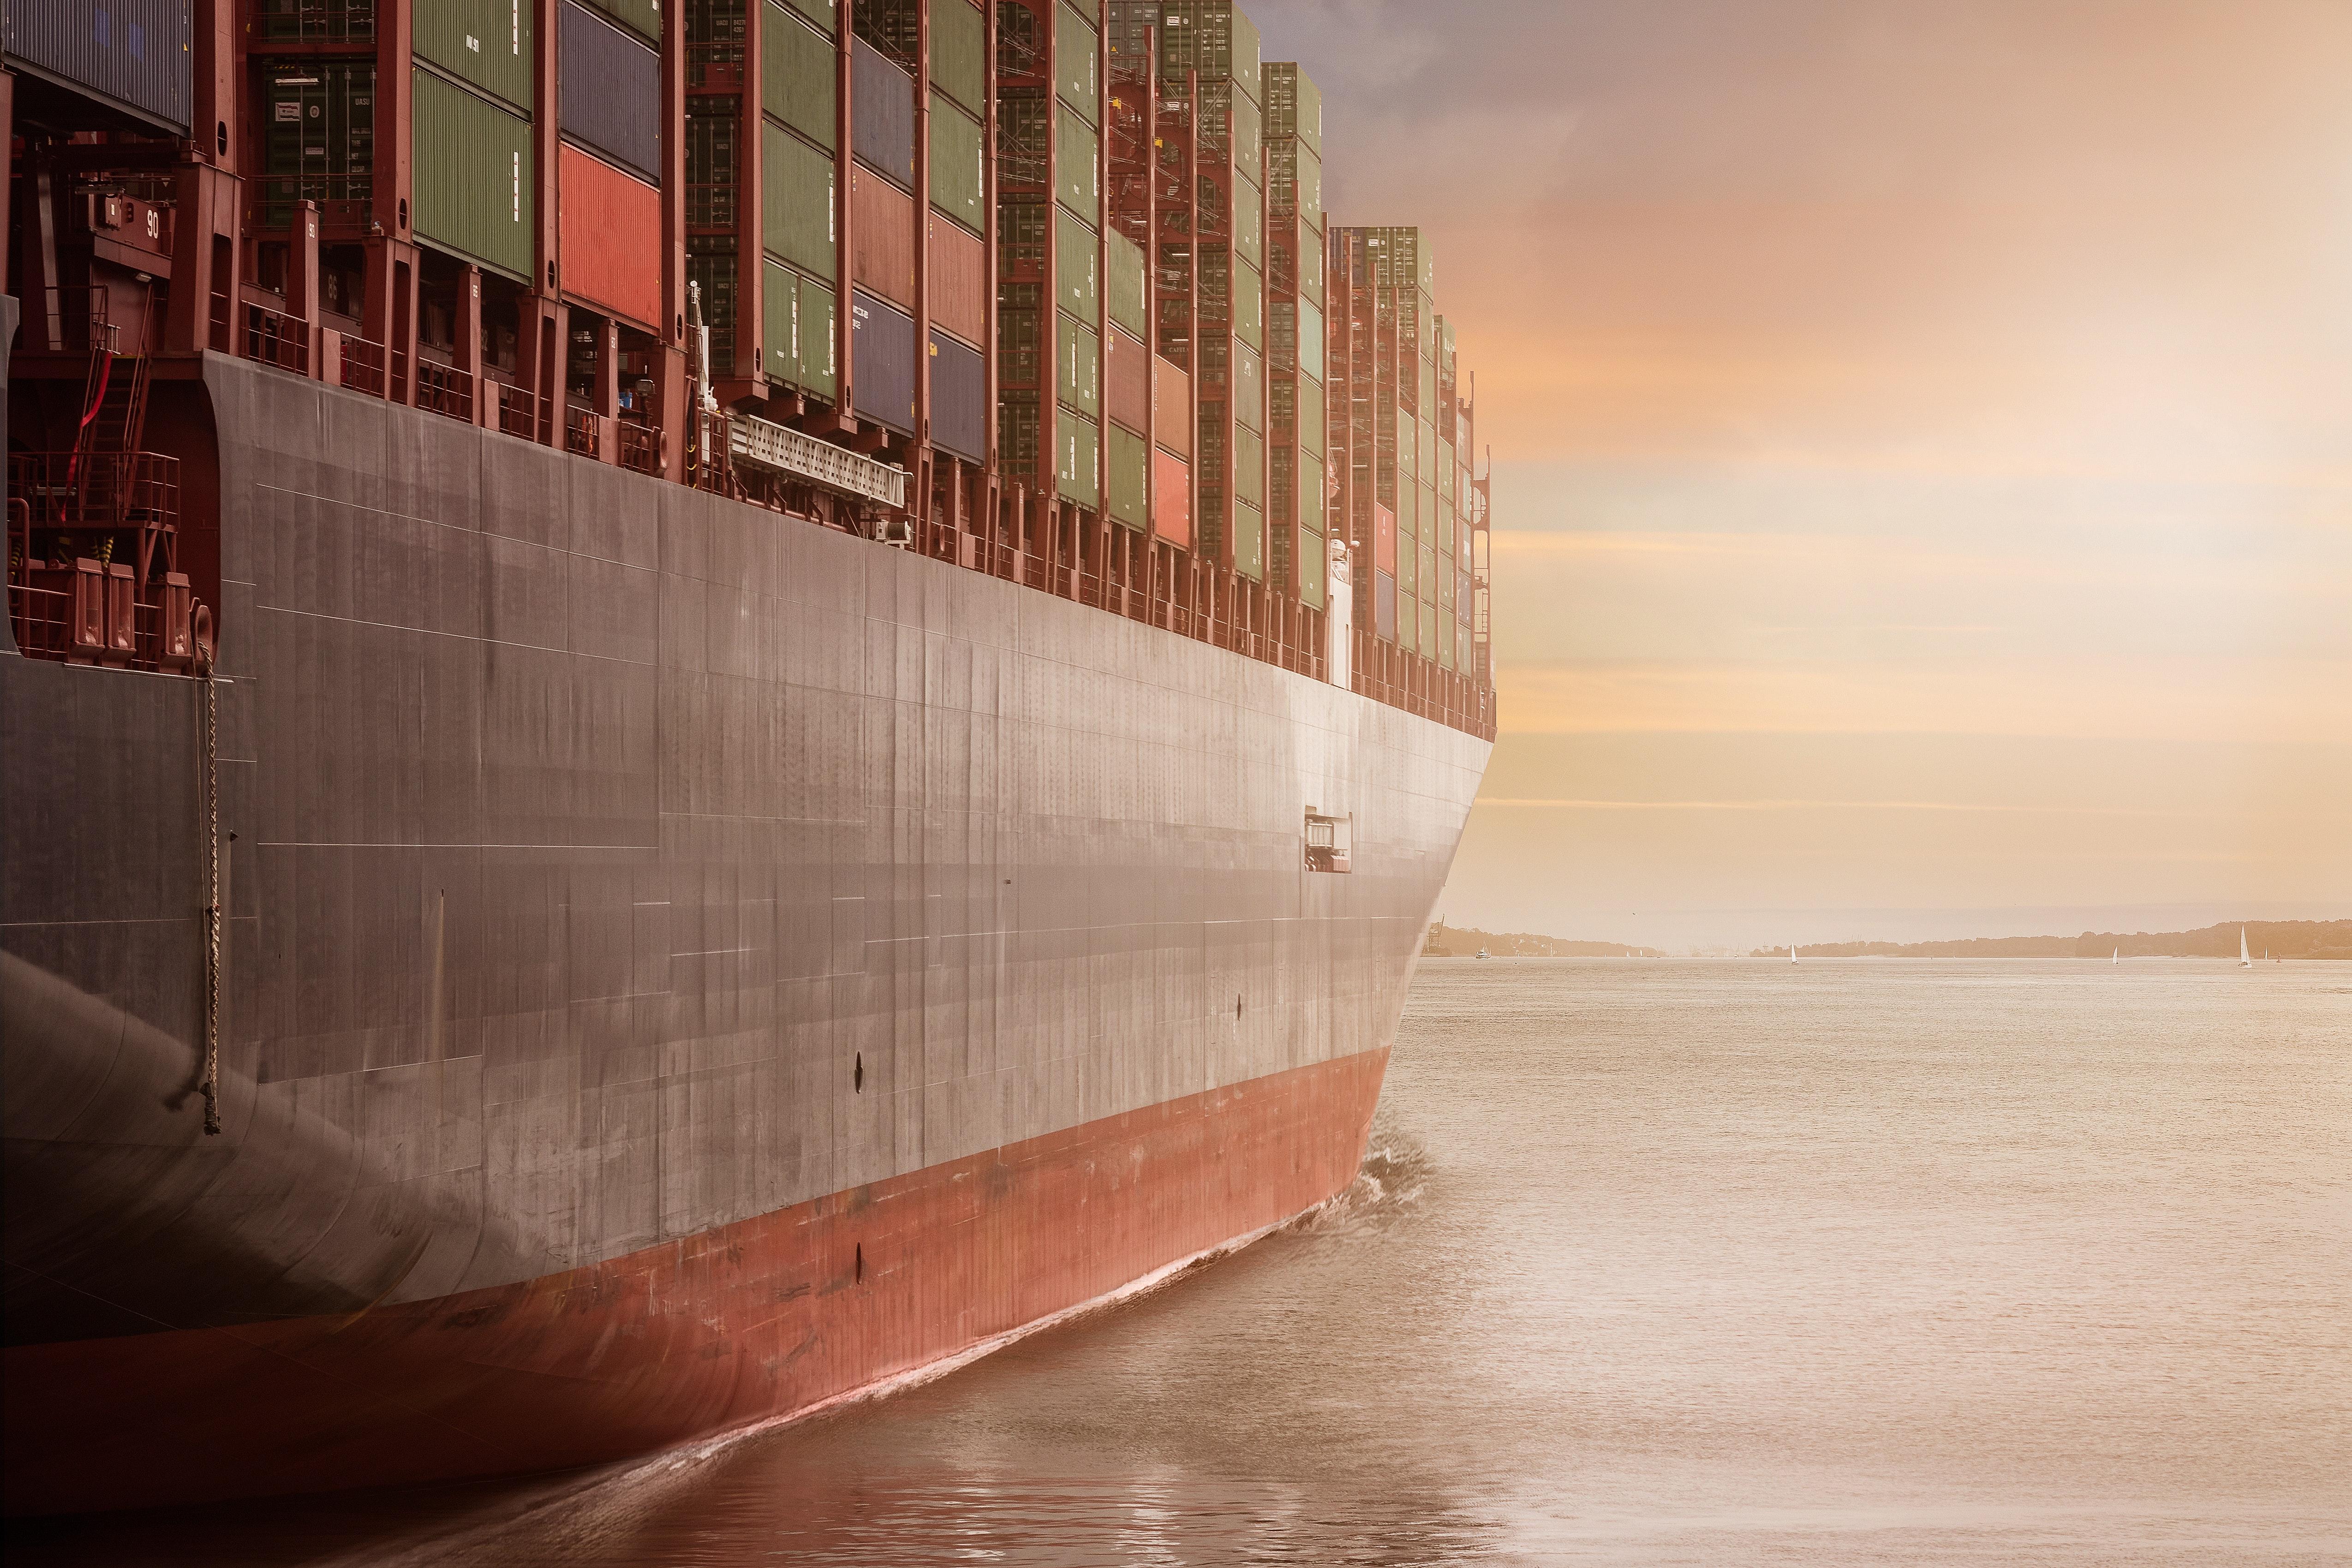 Koopr-cargo-conteneur-pixabay